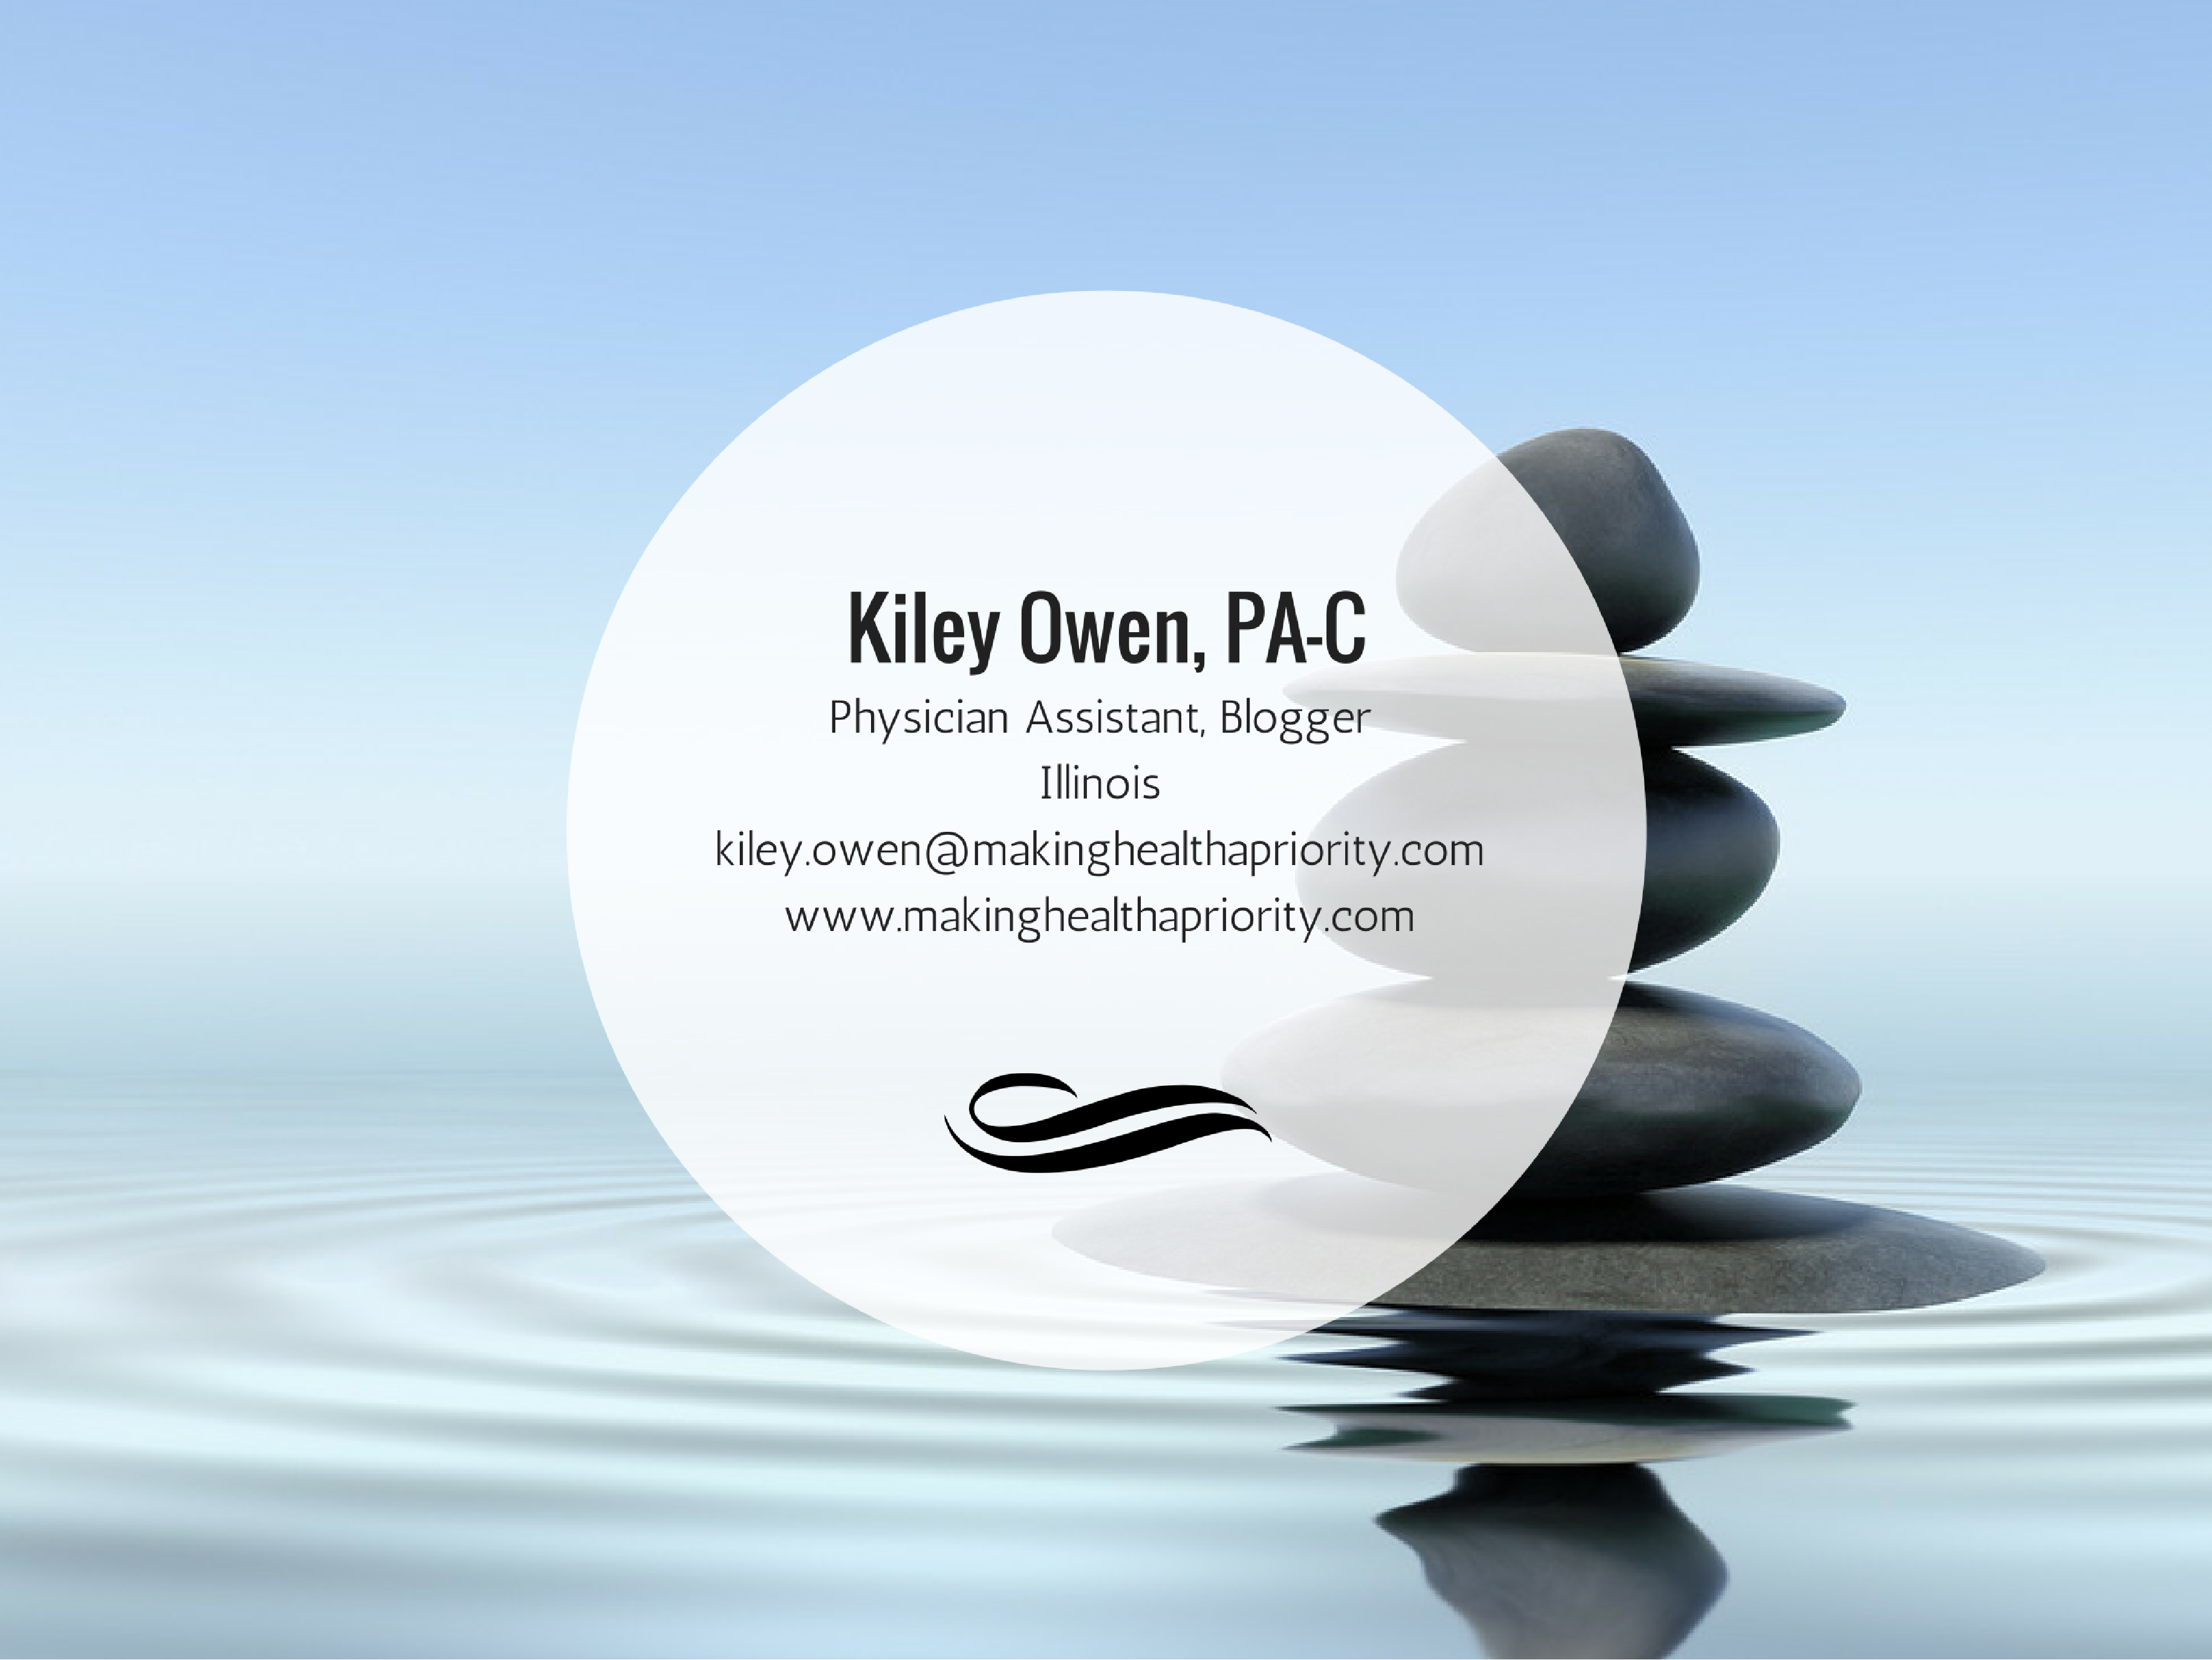 Kiley Owen, PA-C